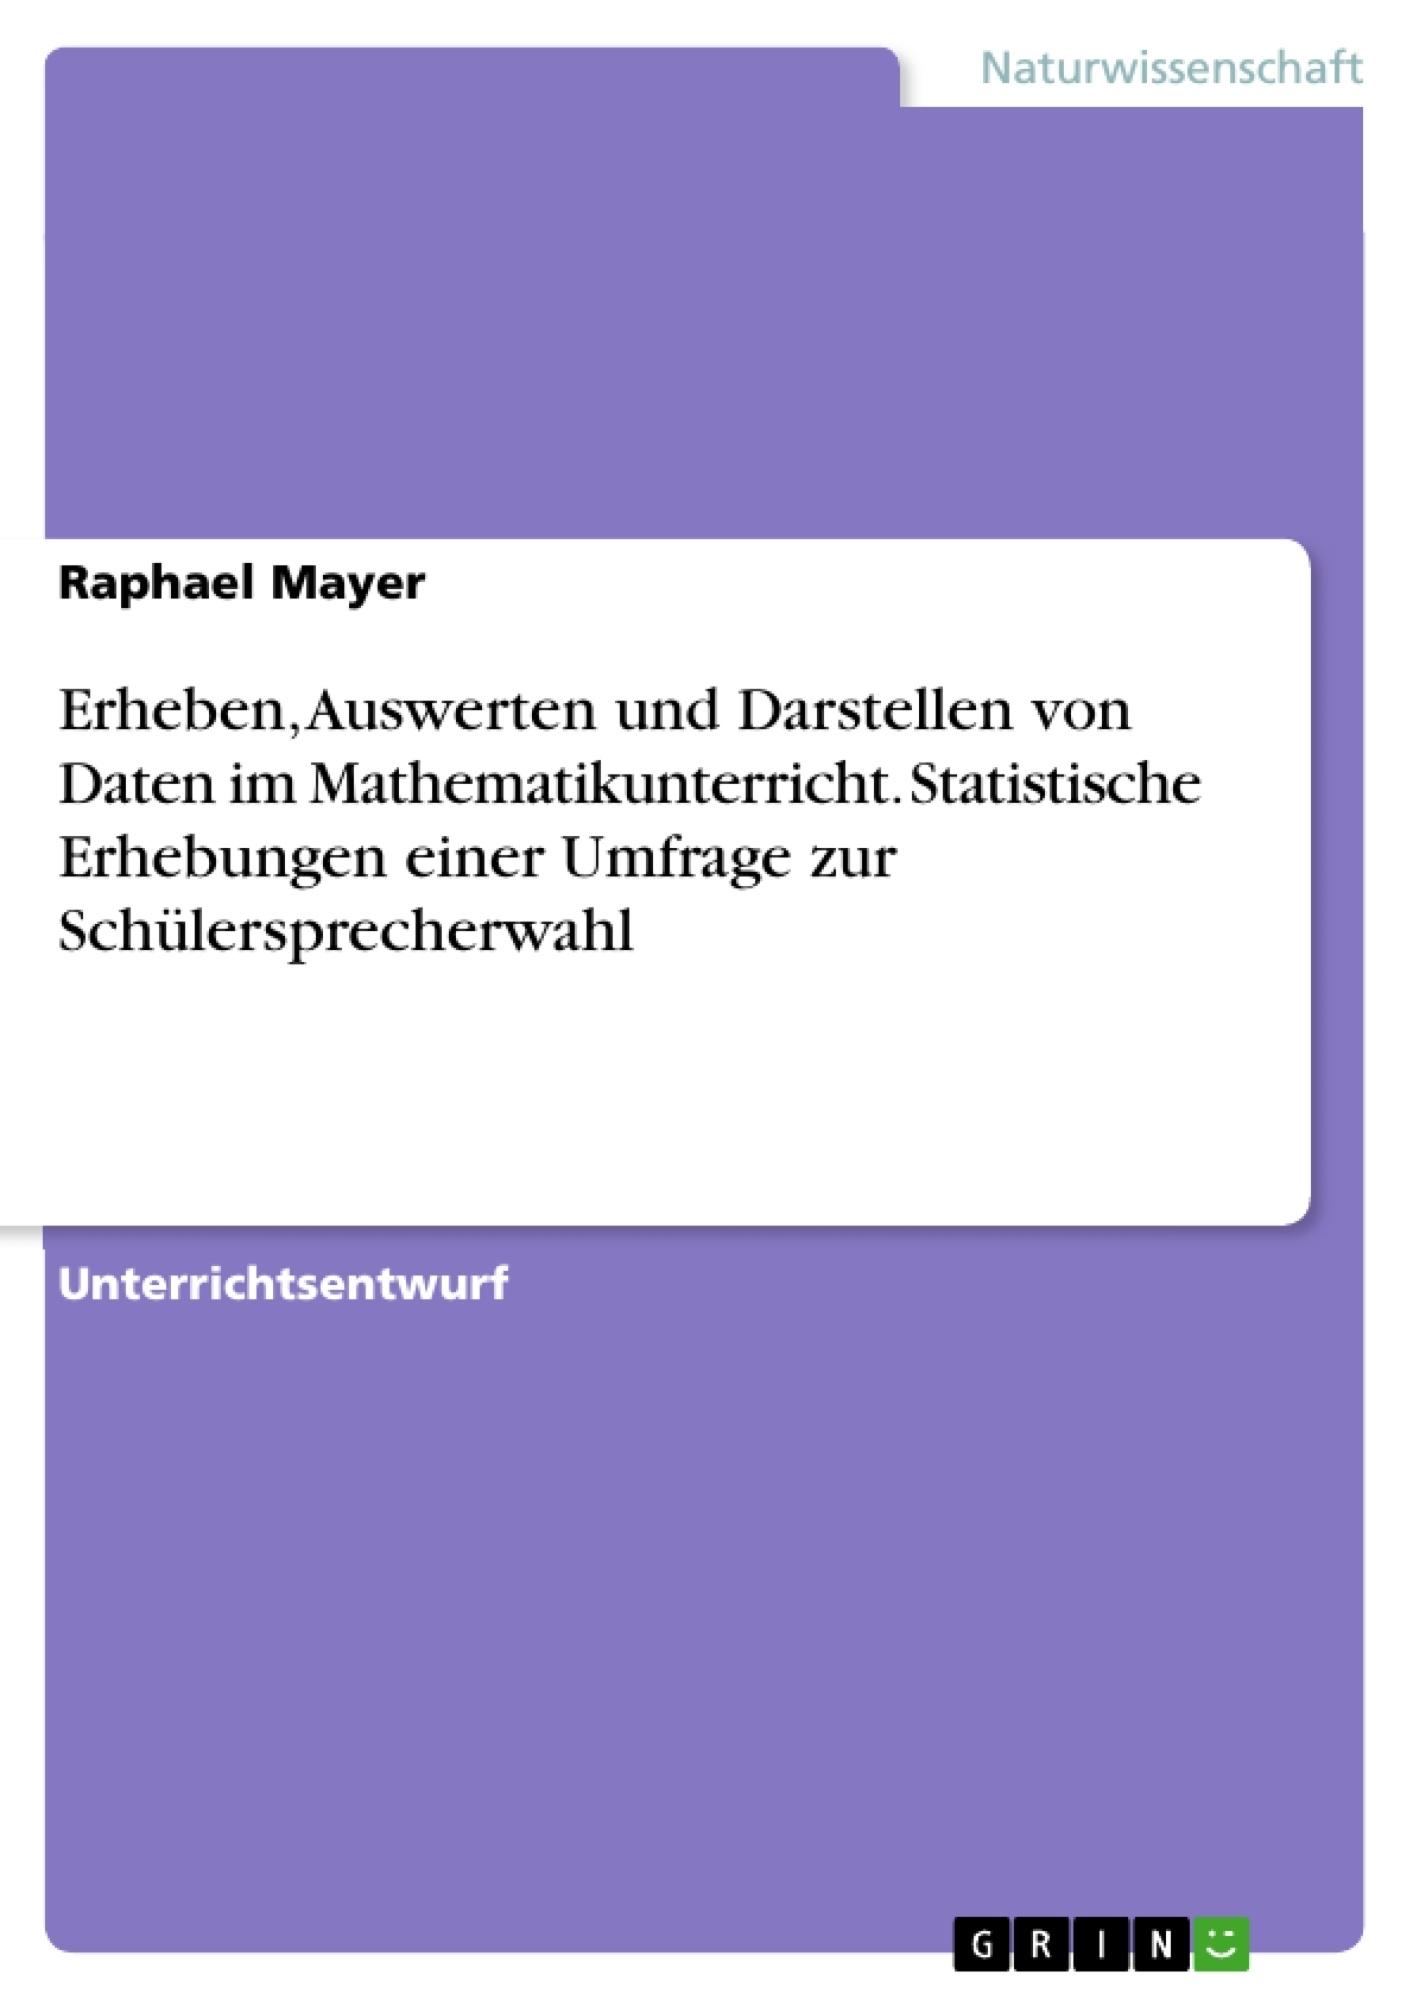 Titel: Erheben, Auswerten und Darstellen von Daten im Mathematikunterricht. Statistische Erhebungen einer Umfrage zur Schülersprecherwahl